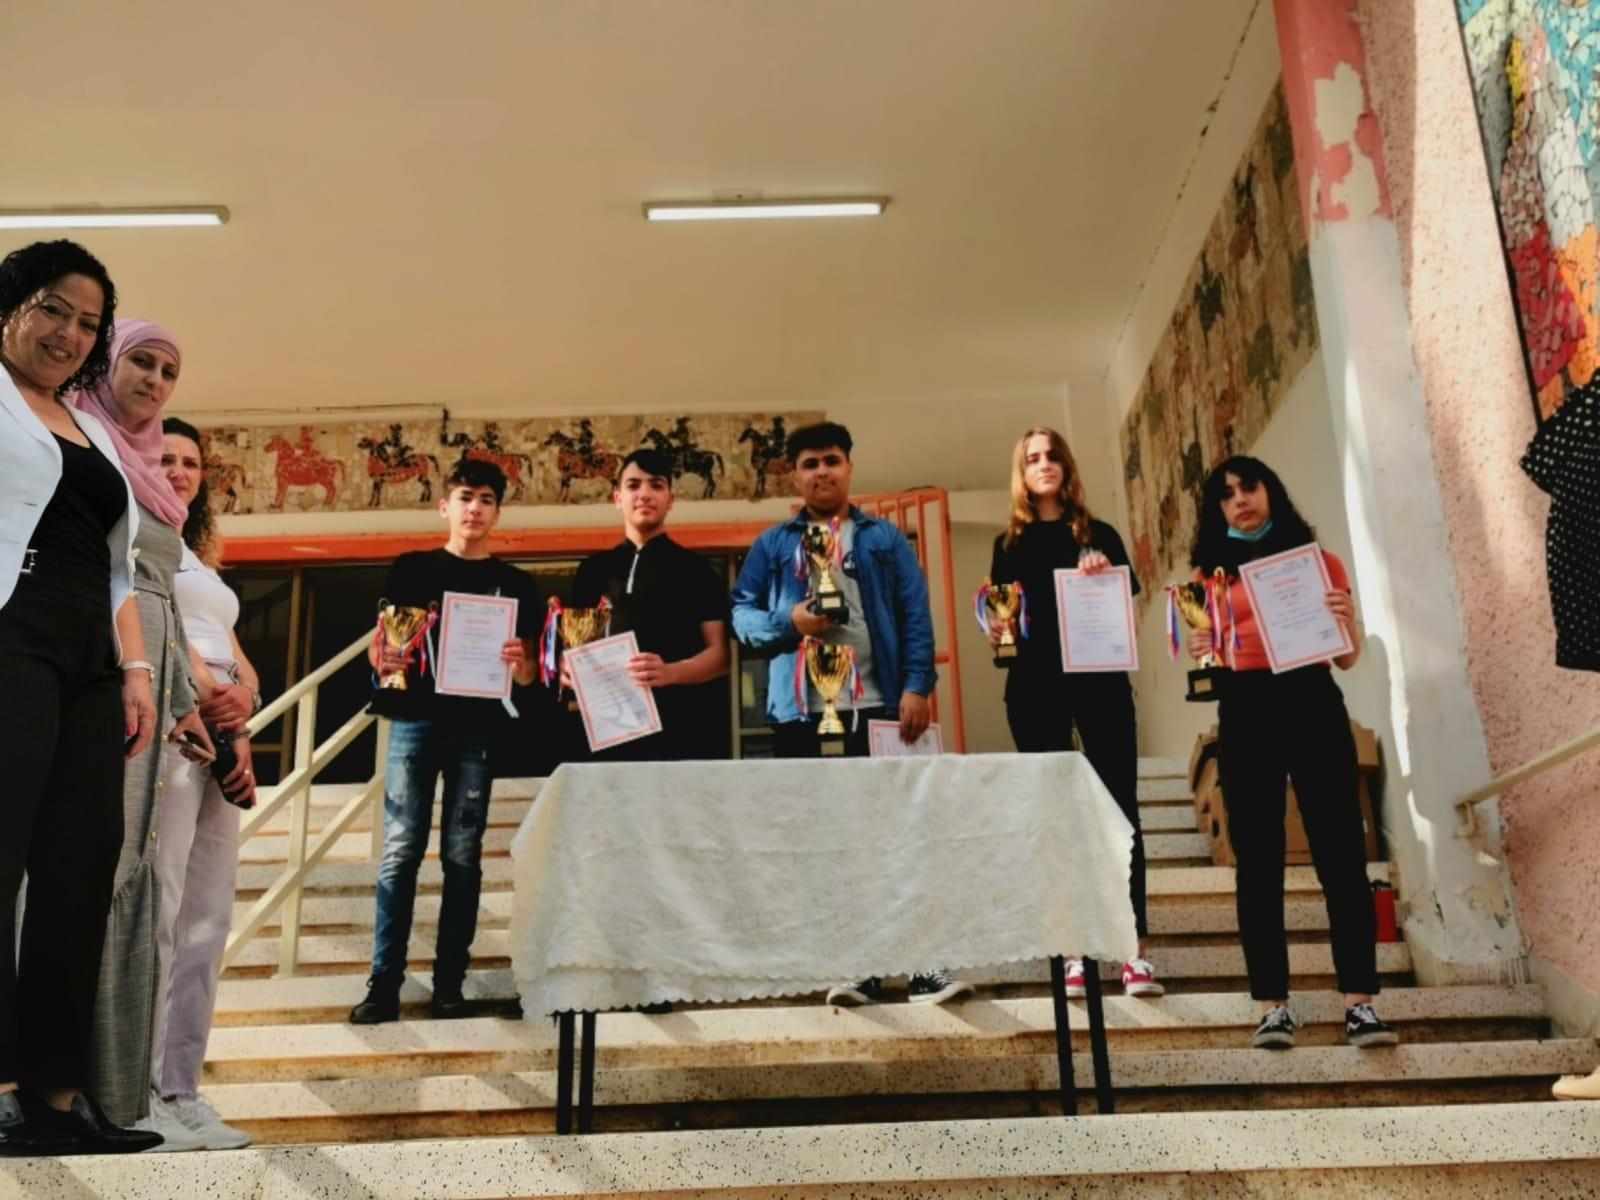 جَمْعيَّةُ إبداع تُكرِّمُ الفائزين في مُسابقة اللُّغَة الإنجليزيَّة القُطريَّة العِشرين بالتَّعاونِ مَعَ المدارِسِ المُشارِكَة